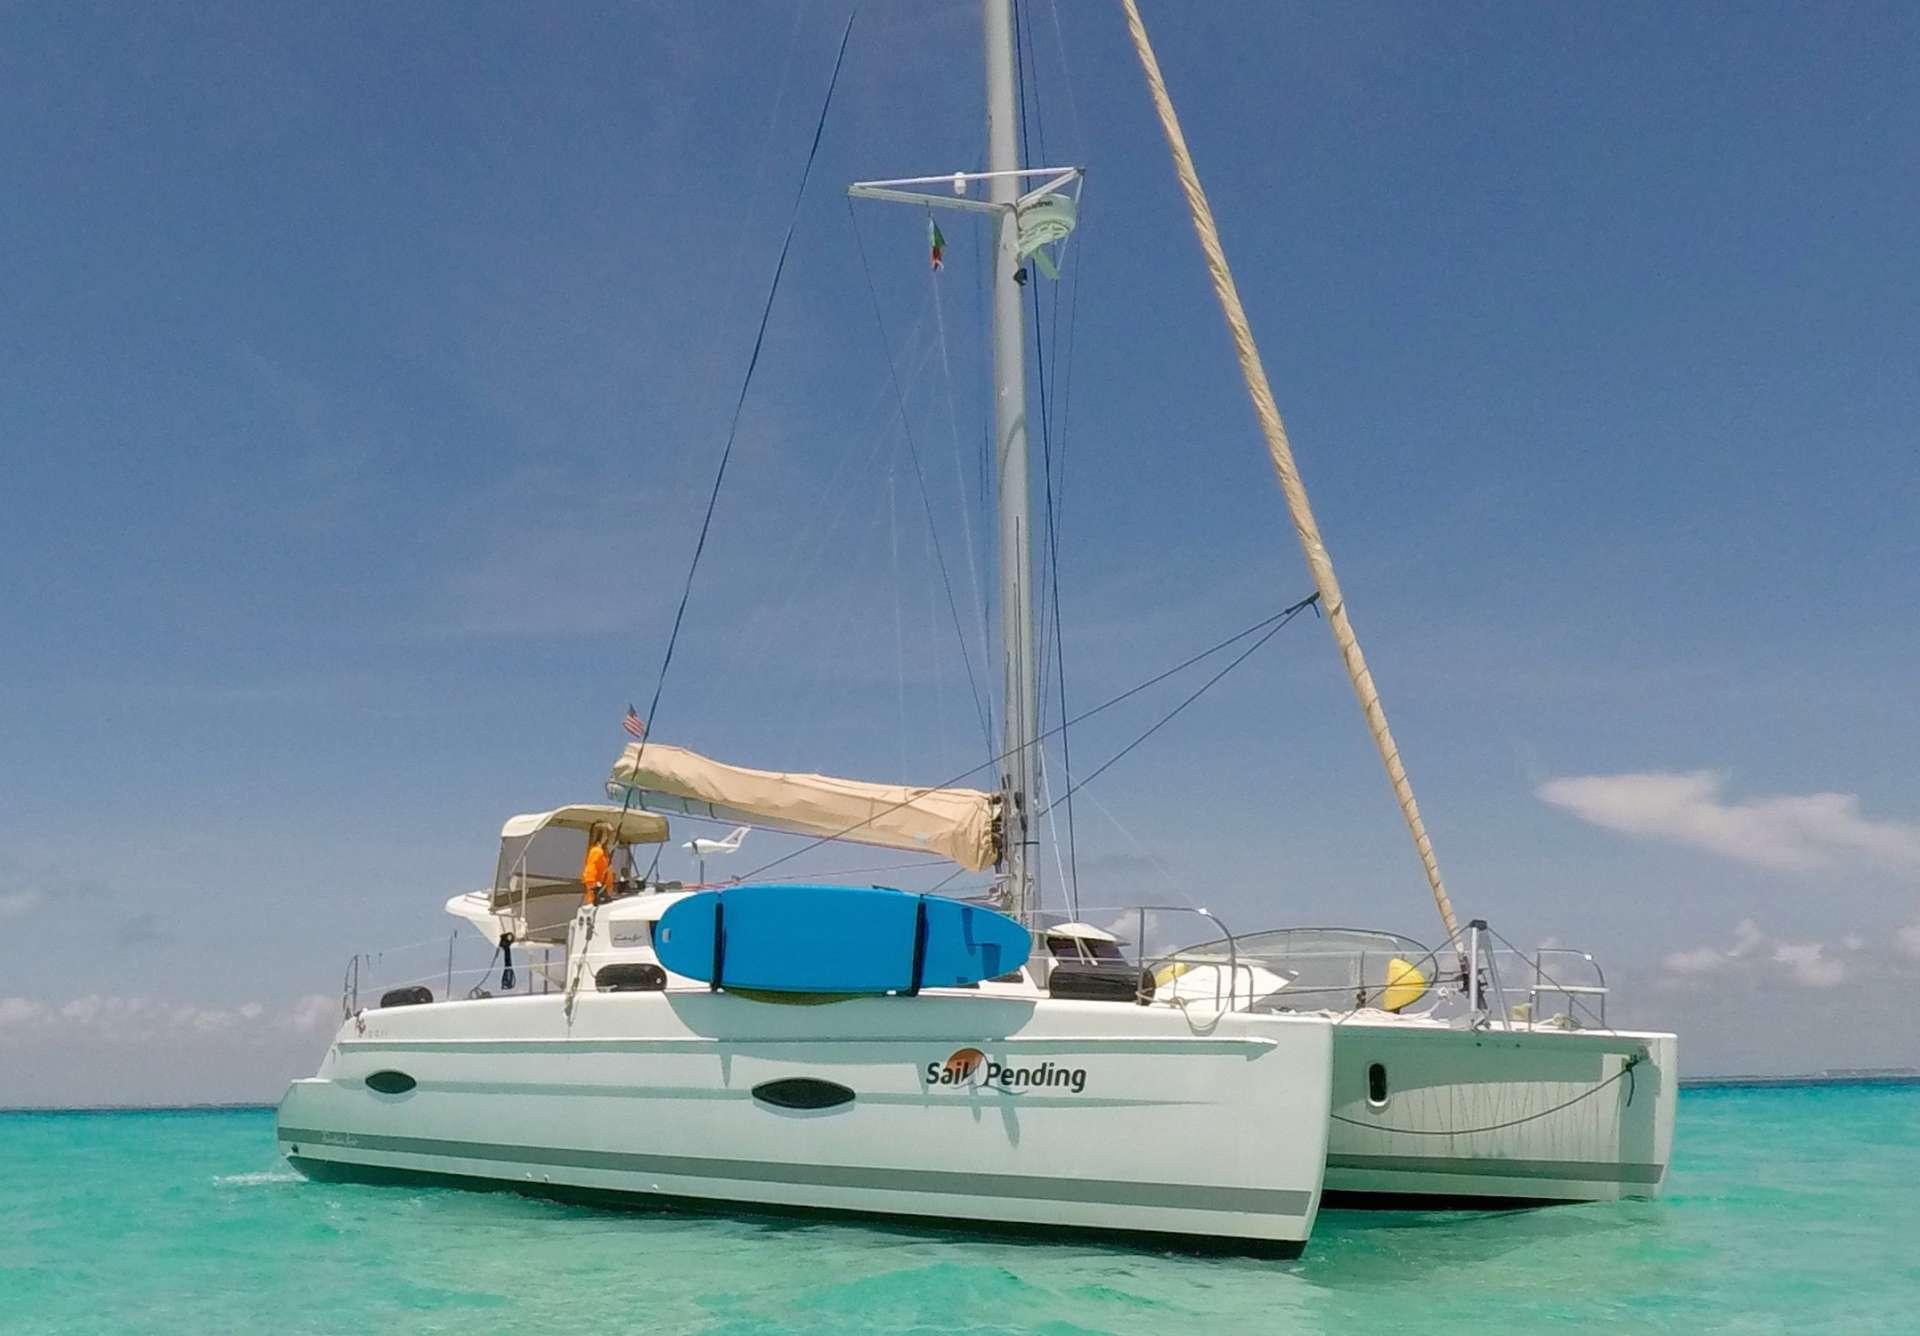 Sail Pending